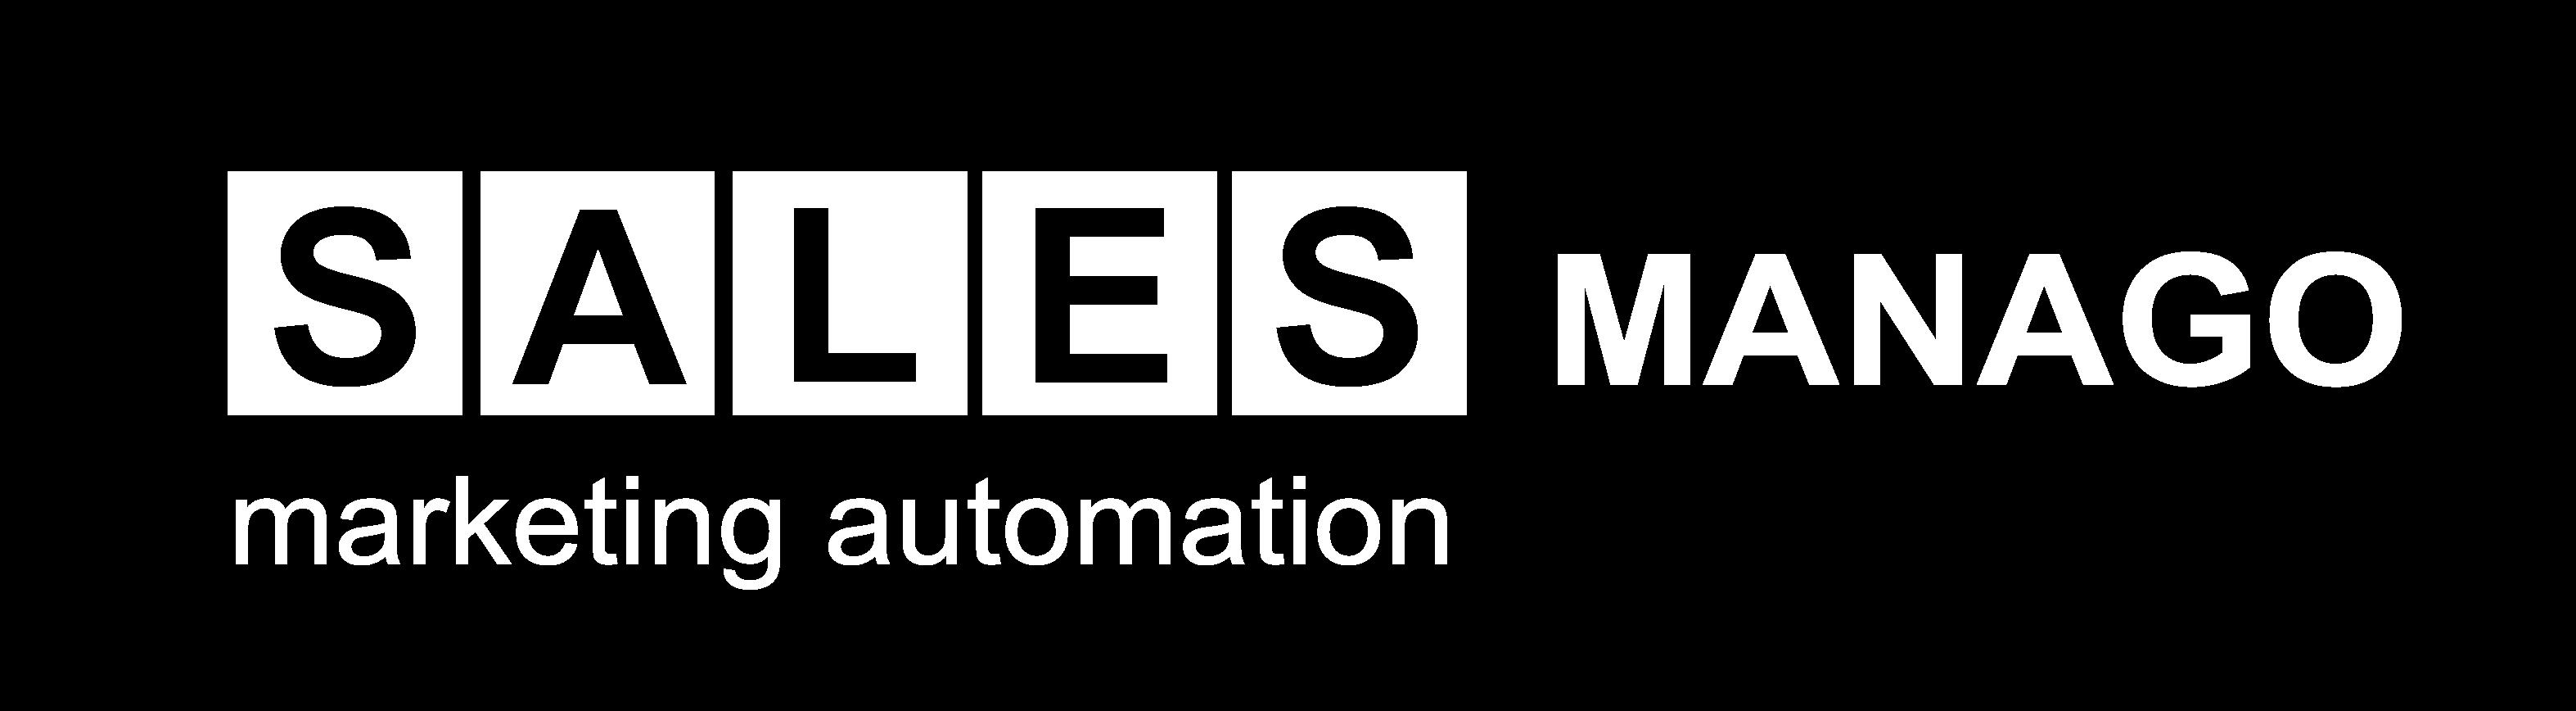 salesmanago logo